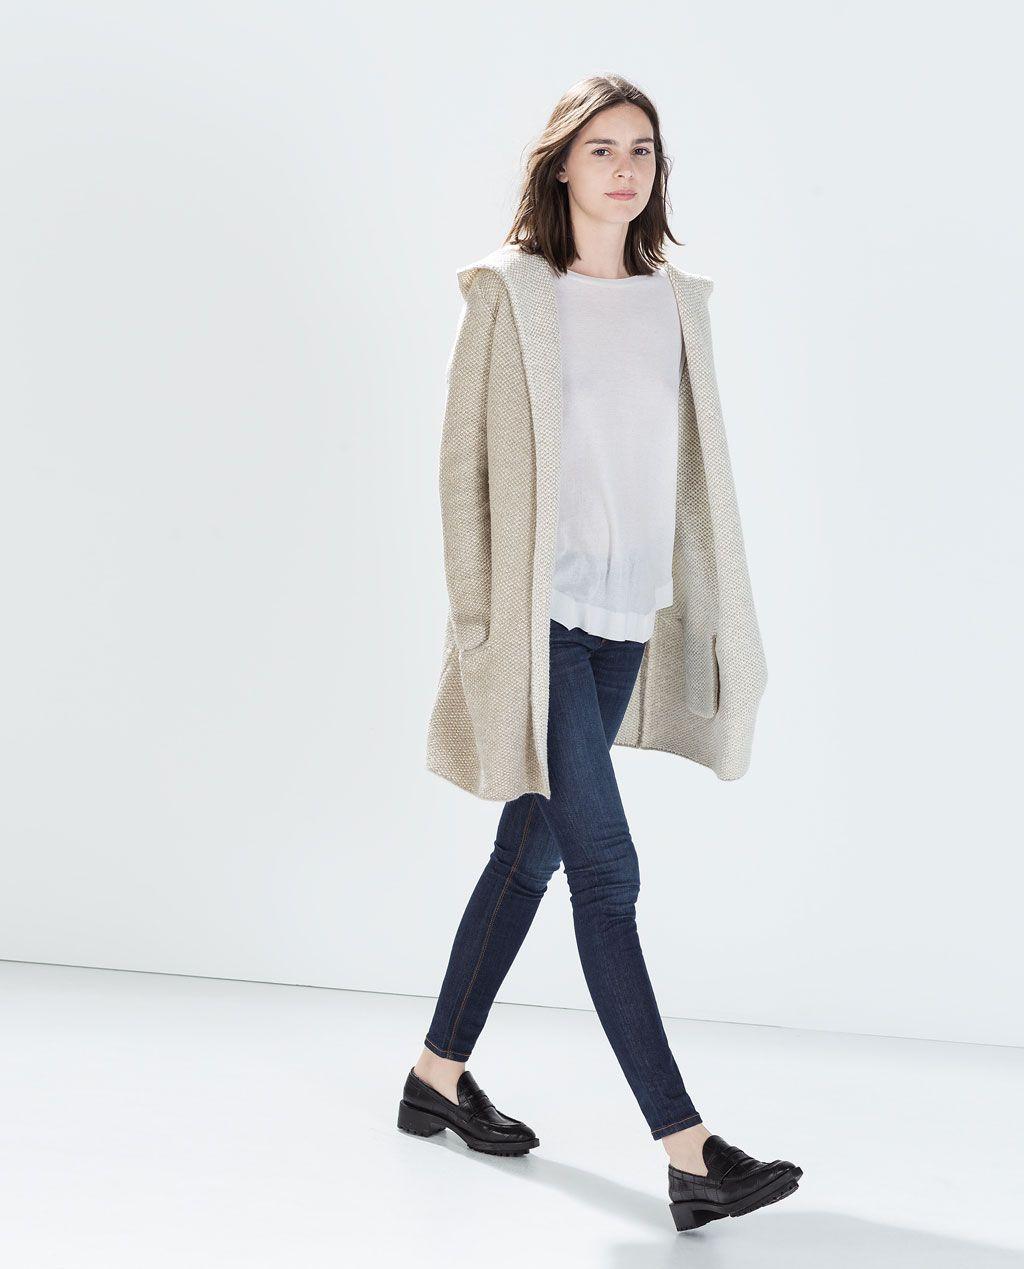 625e15f8 ZARA - WOMAN - open knit jacket | Auntie Kathy's Style Board ...